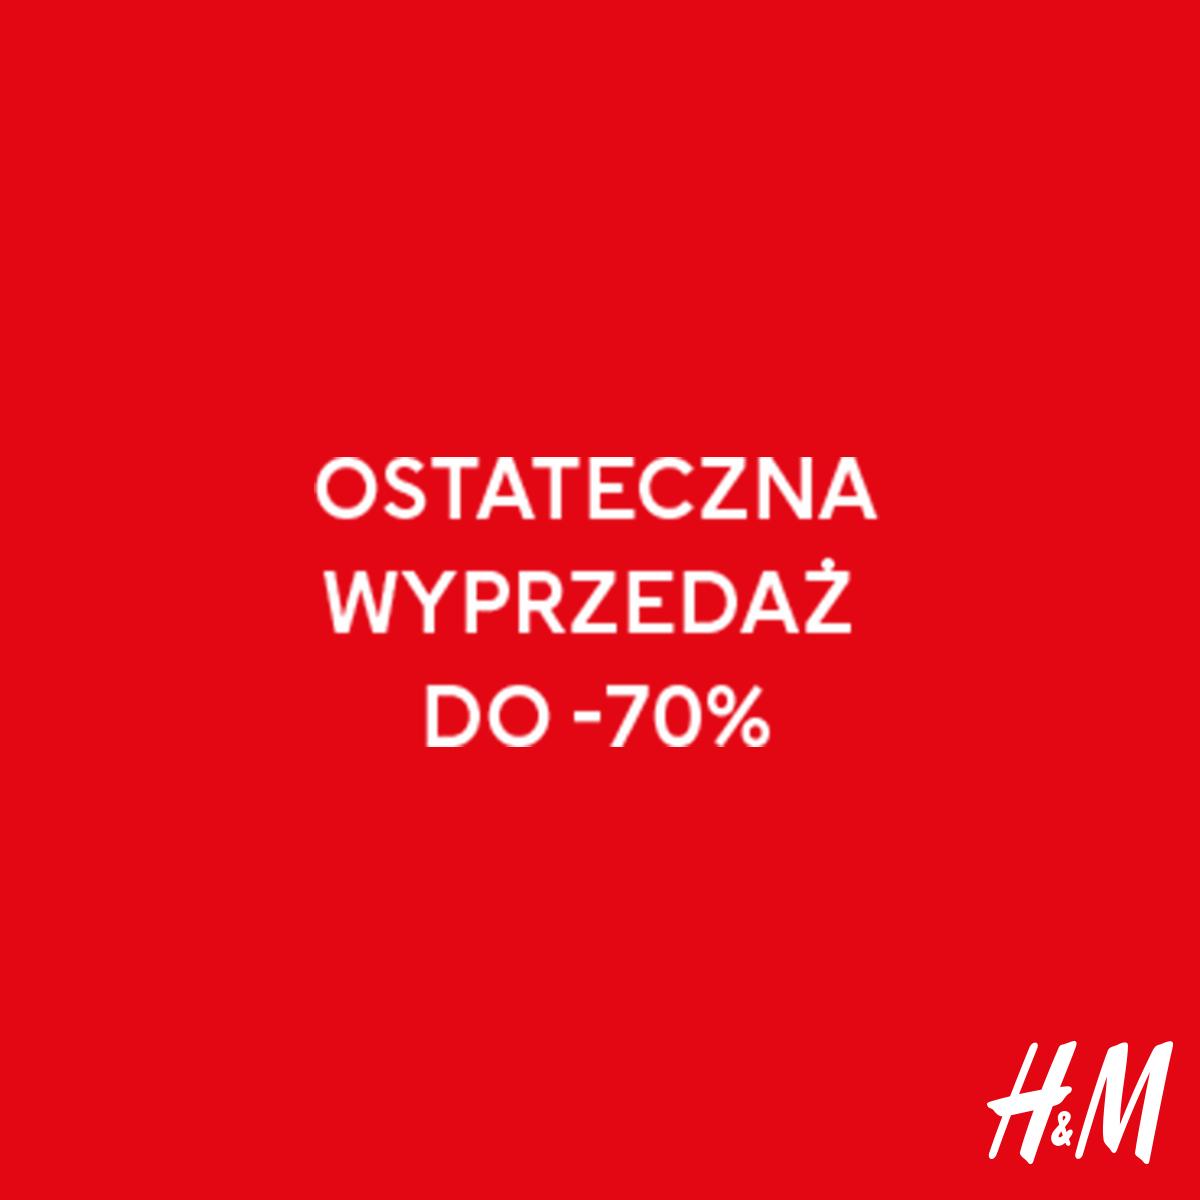 H&M: ostateczna wyprzedaż do -70%